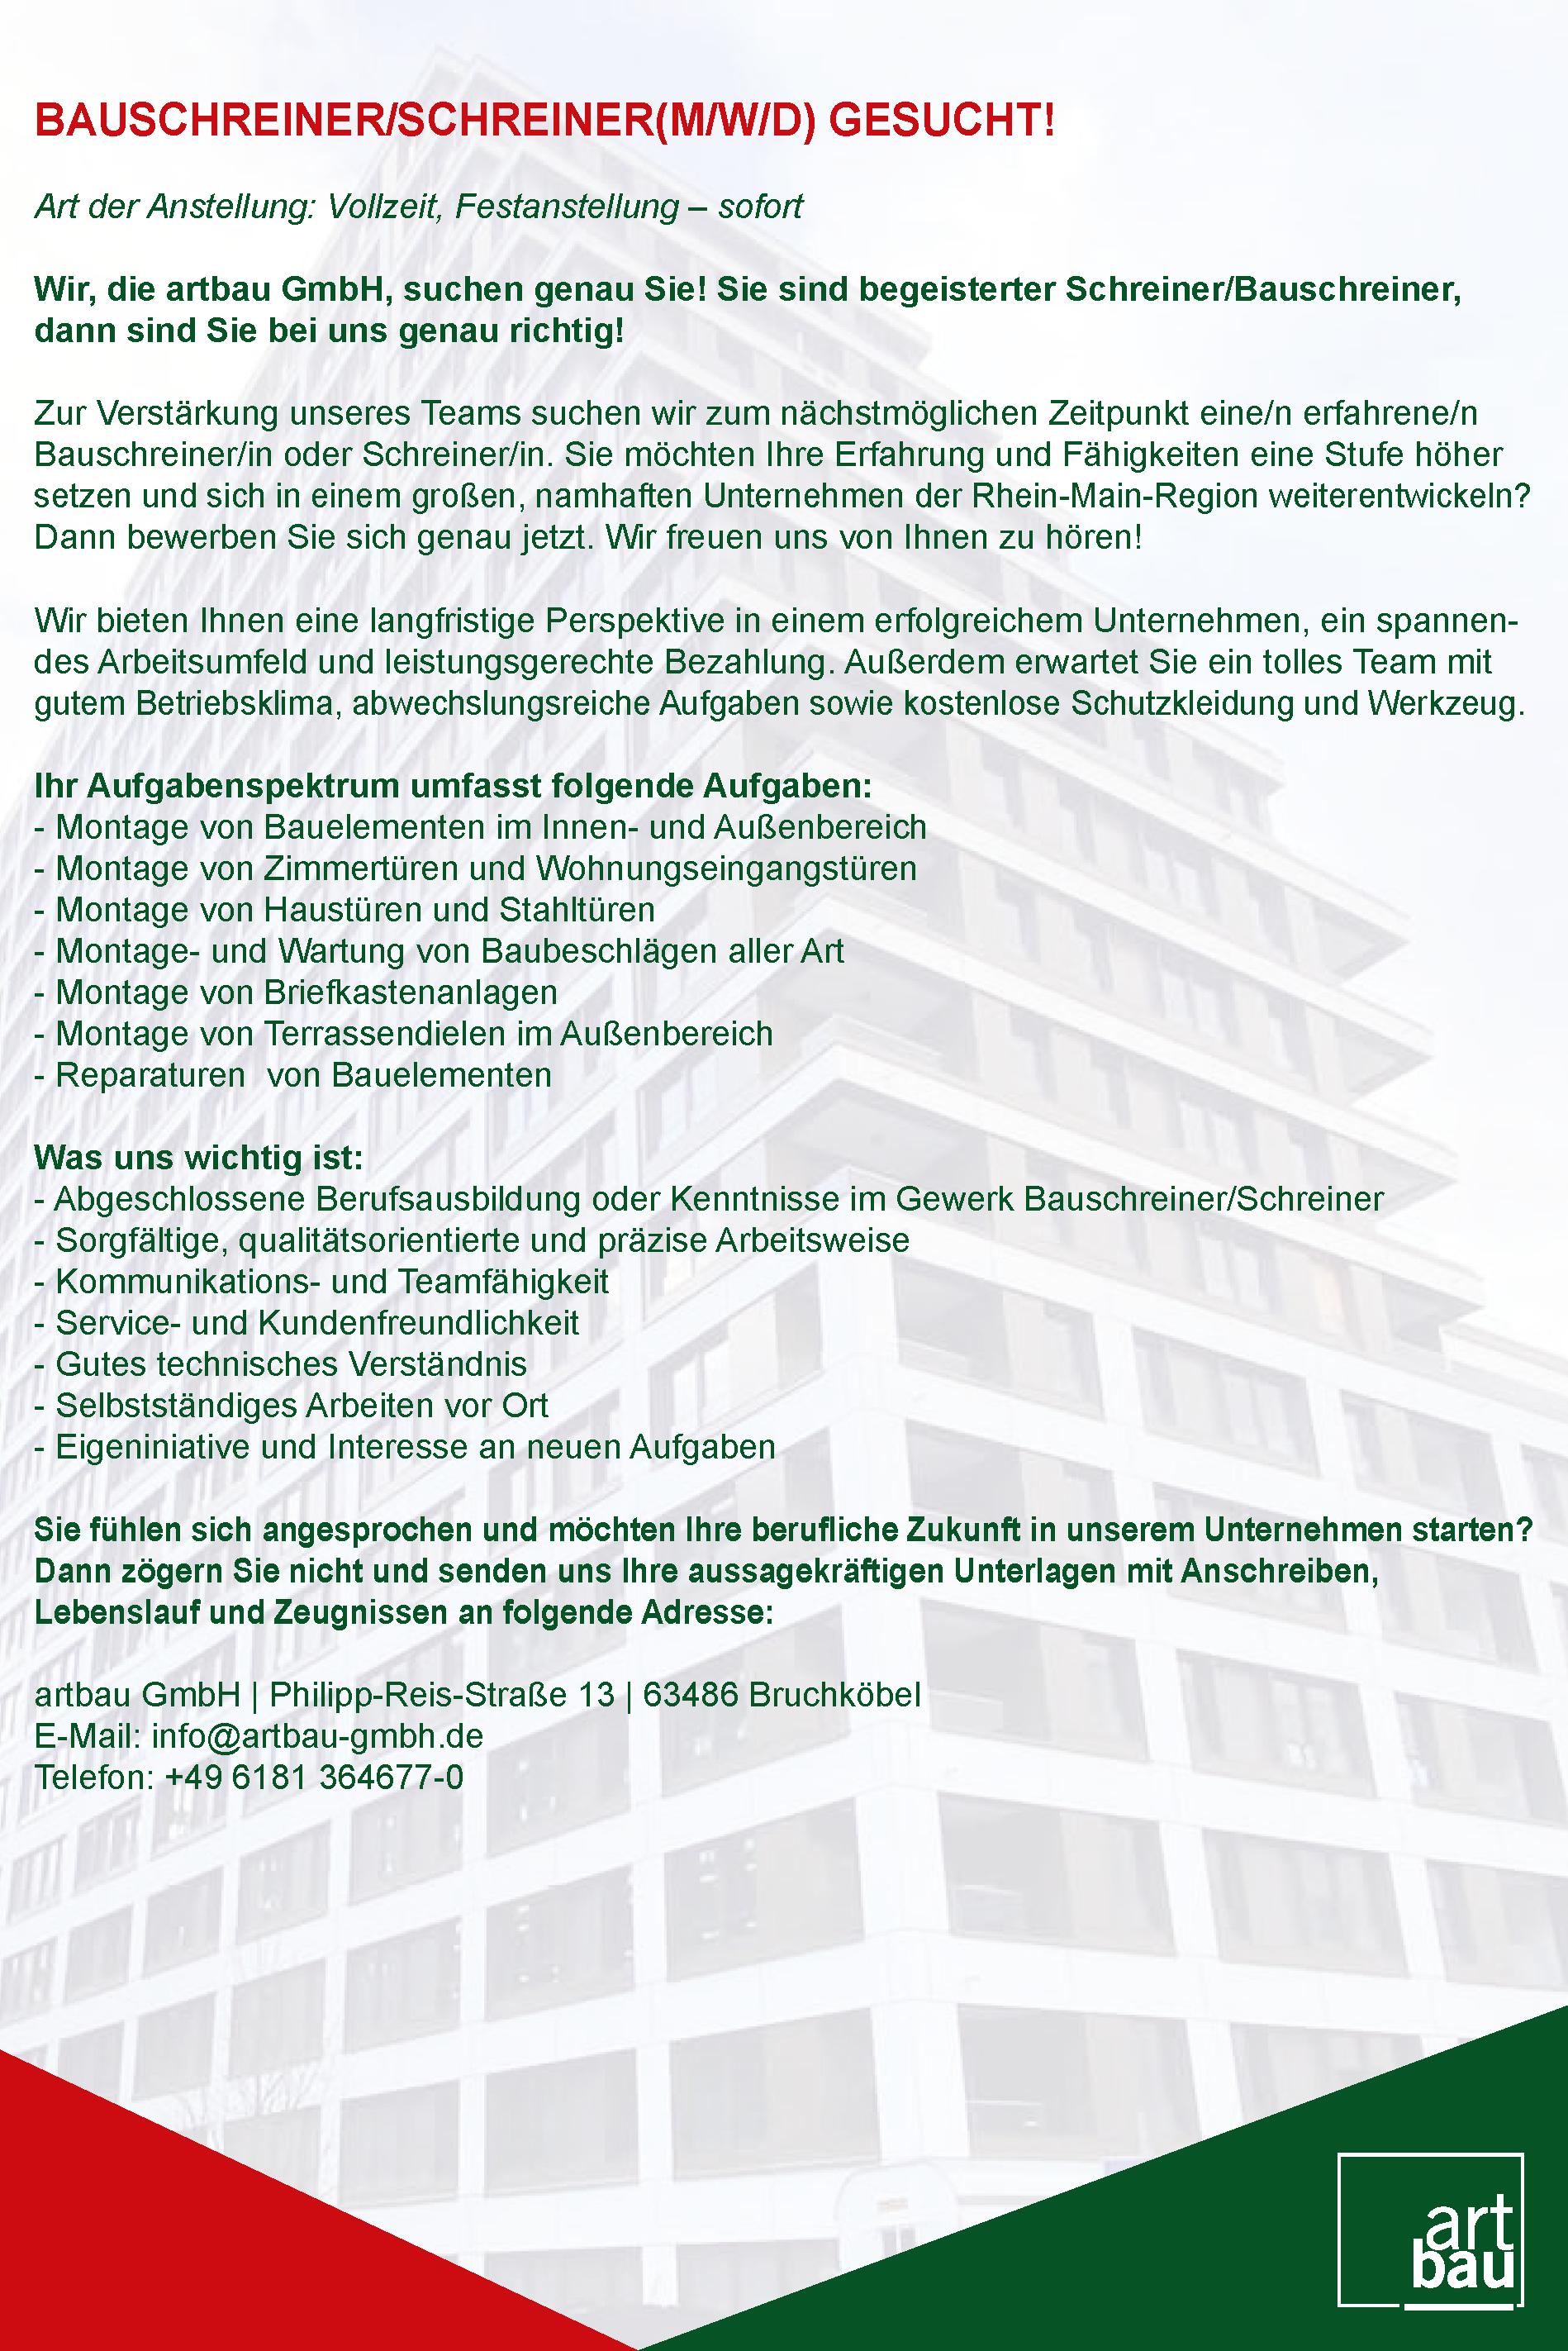 Jobangebote 2021_Bauschreiner